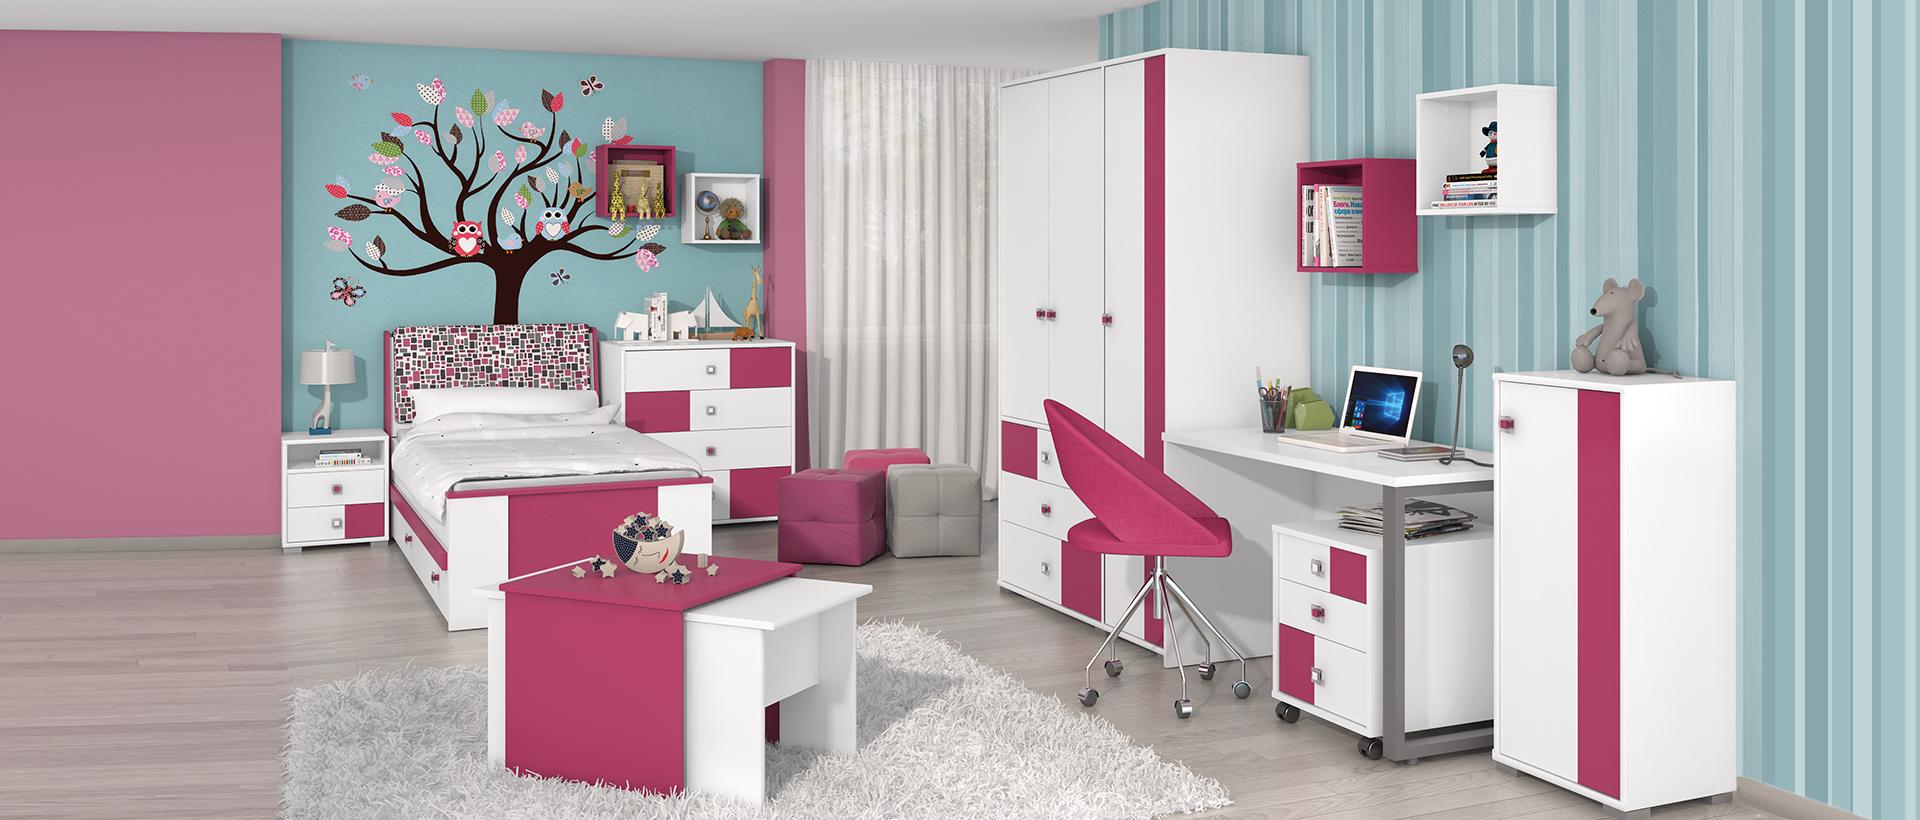 Korisne ideje za opremanje dječje sobe